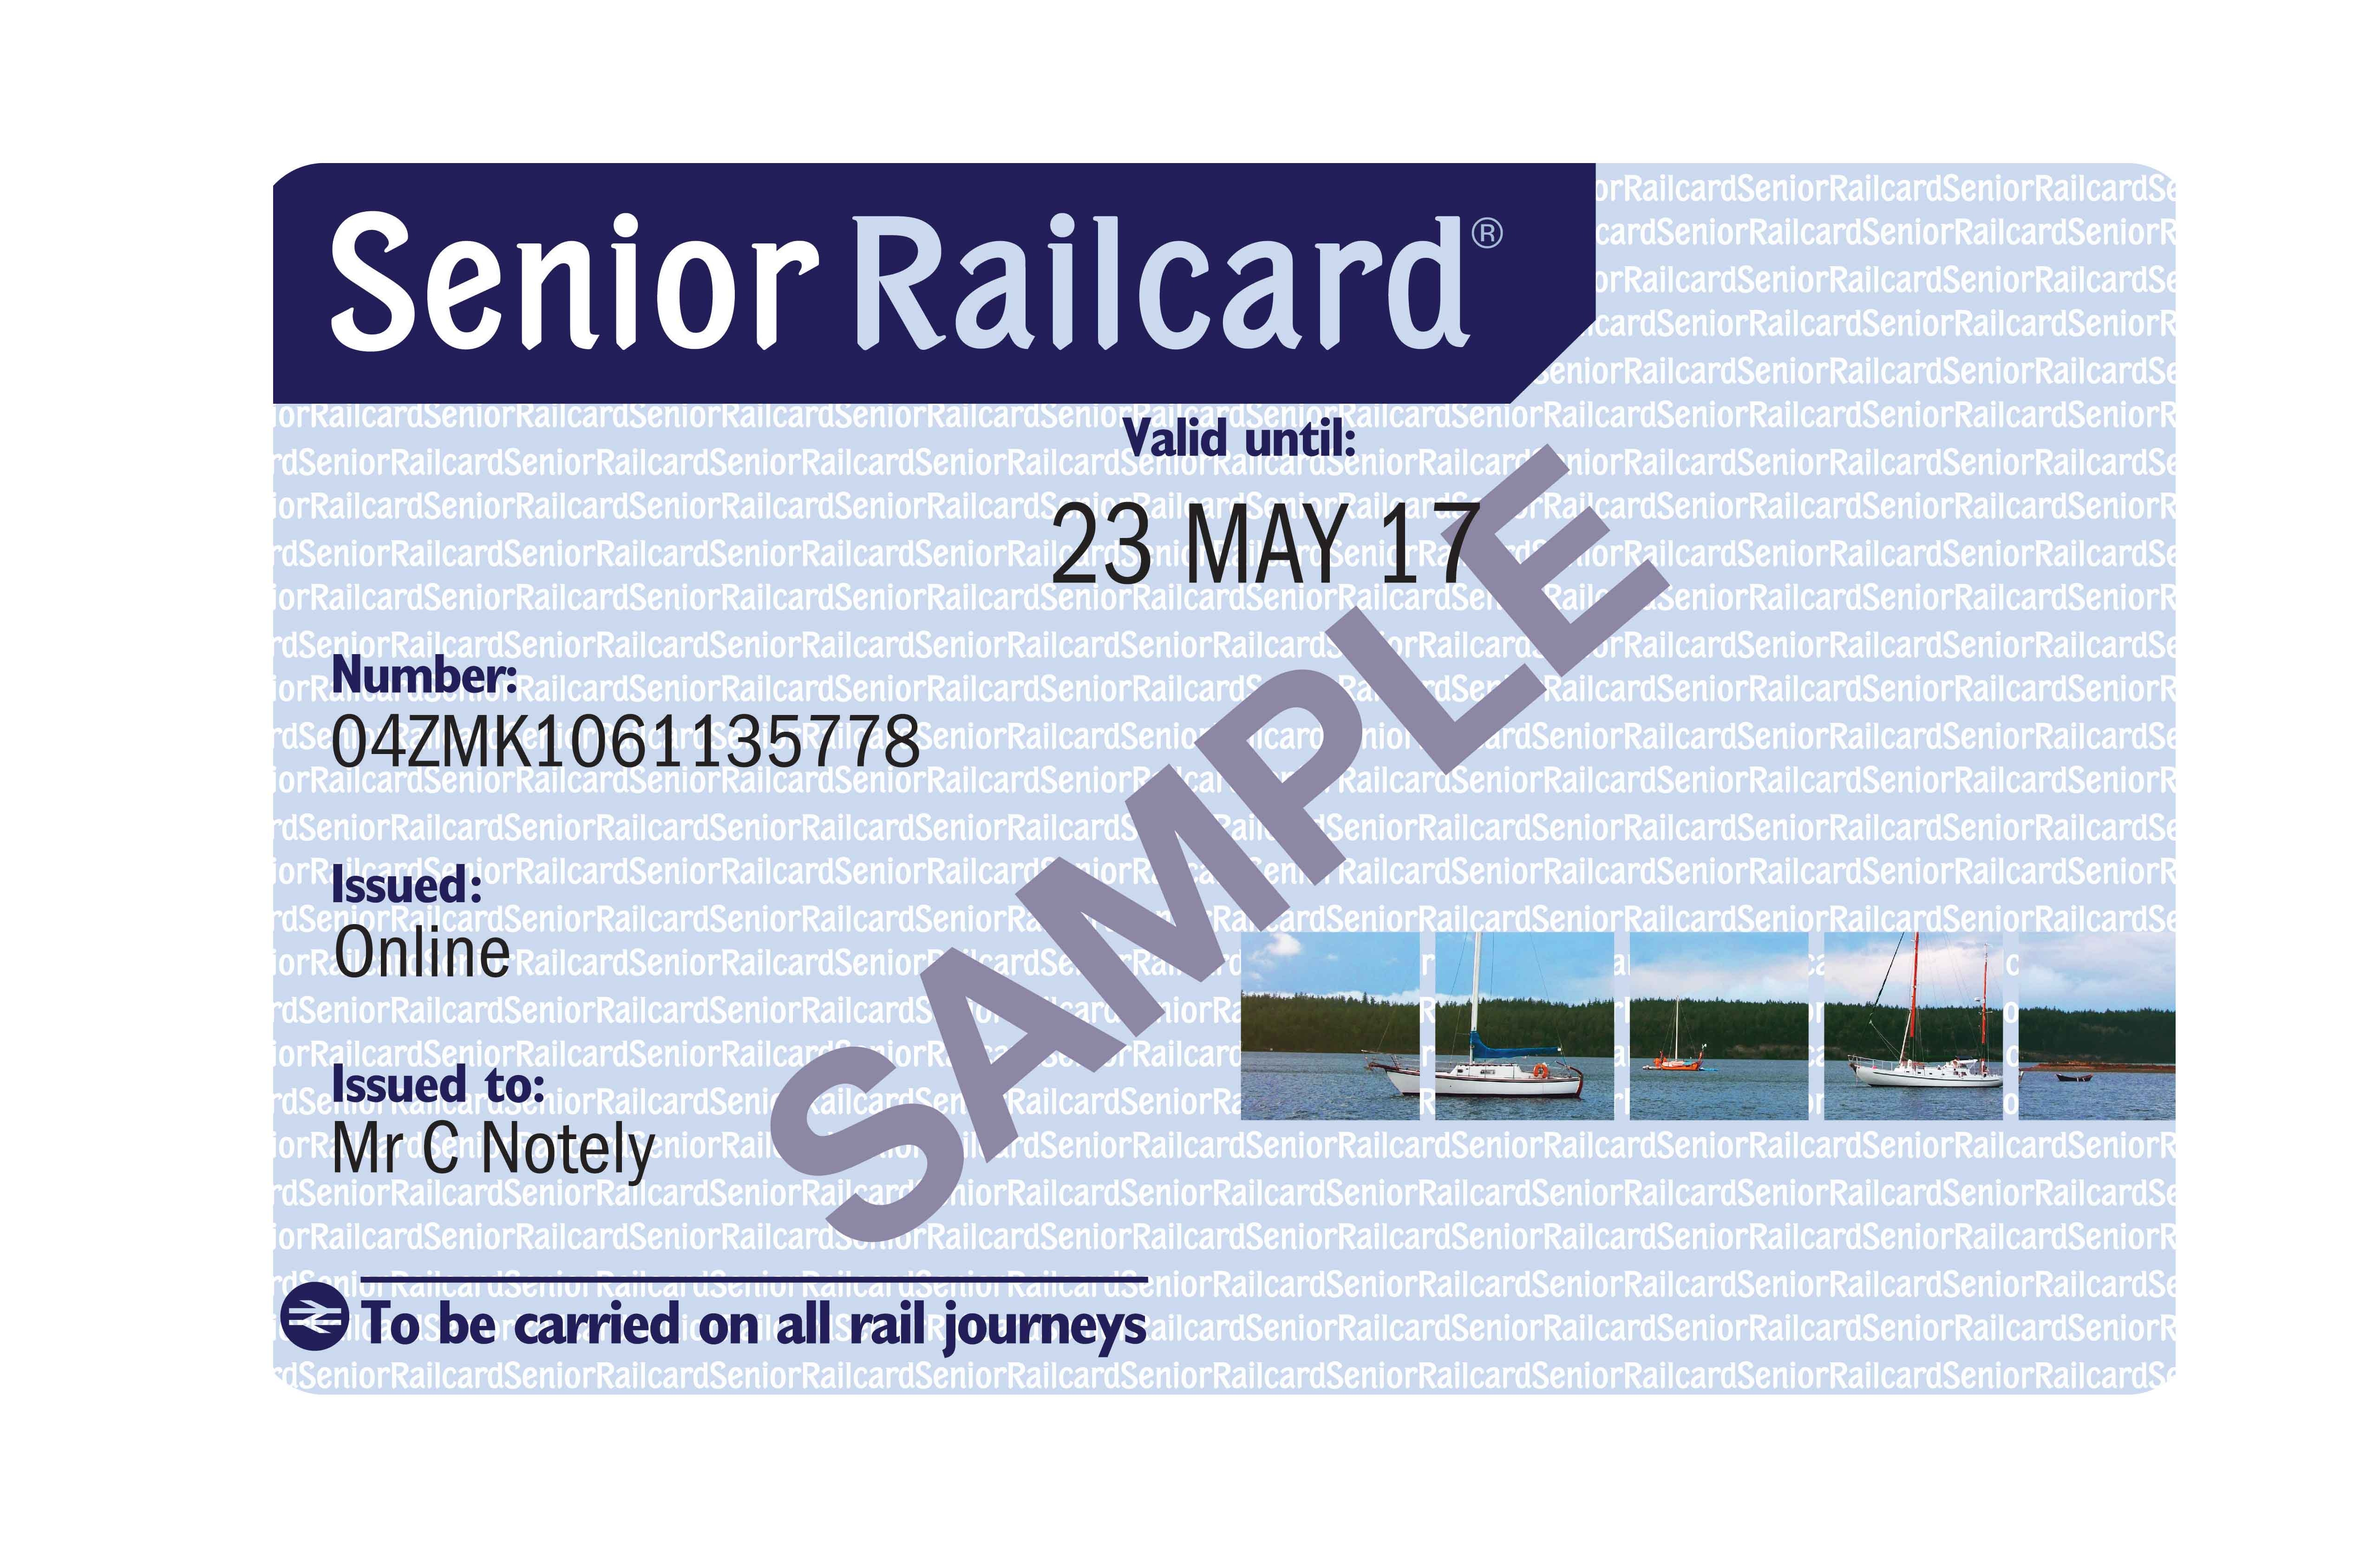 Senior Railcard sweepstakes